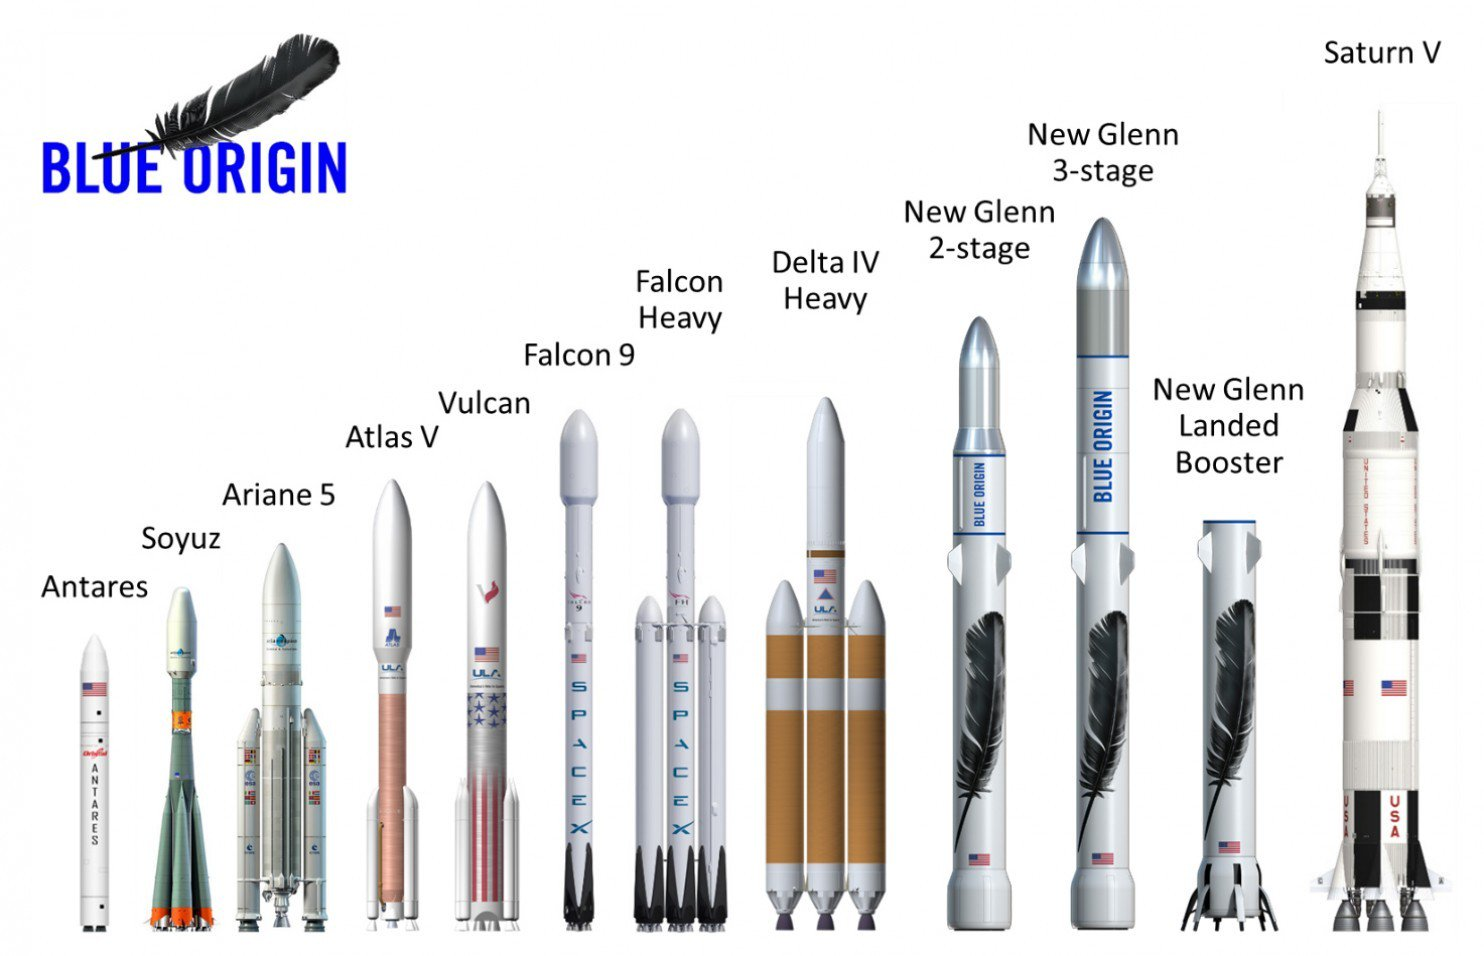 SpaceX Blue Origin porównanie rakiet